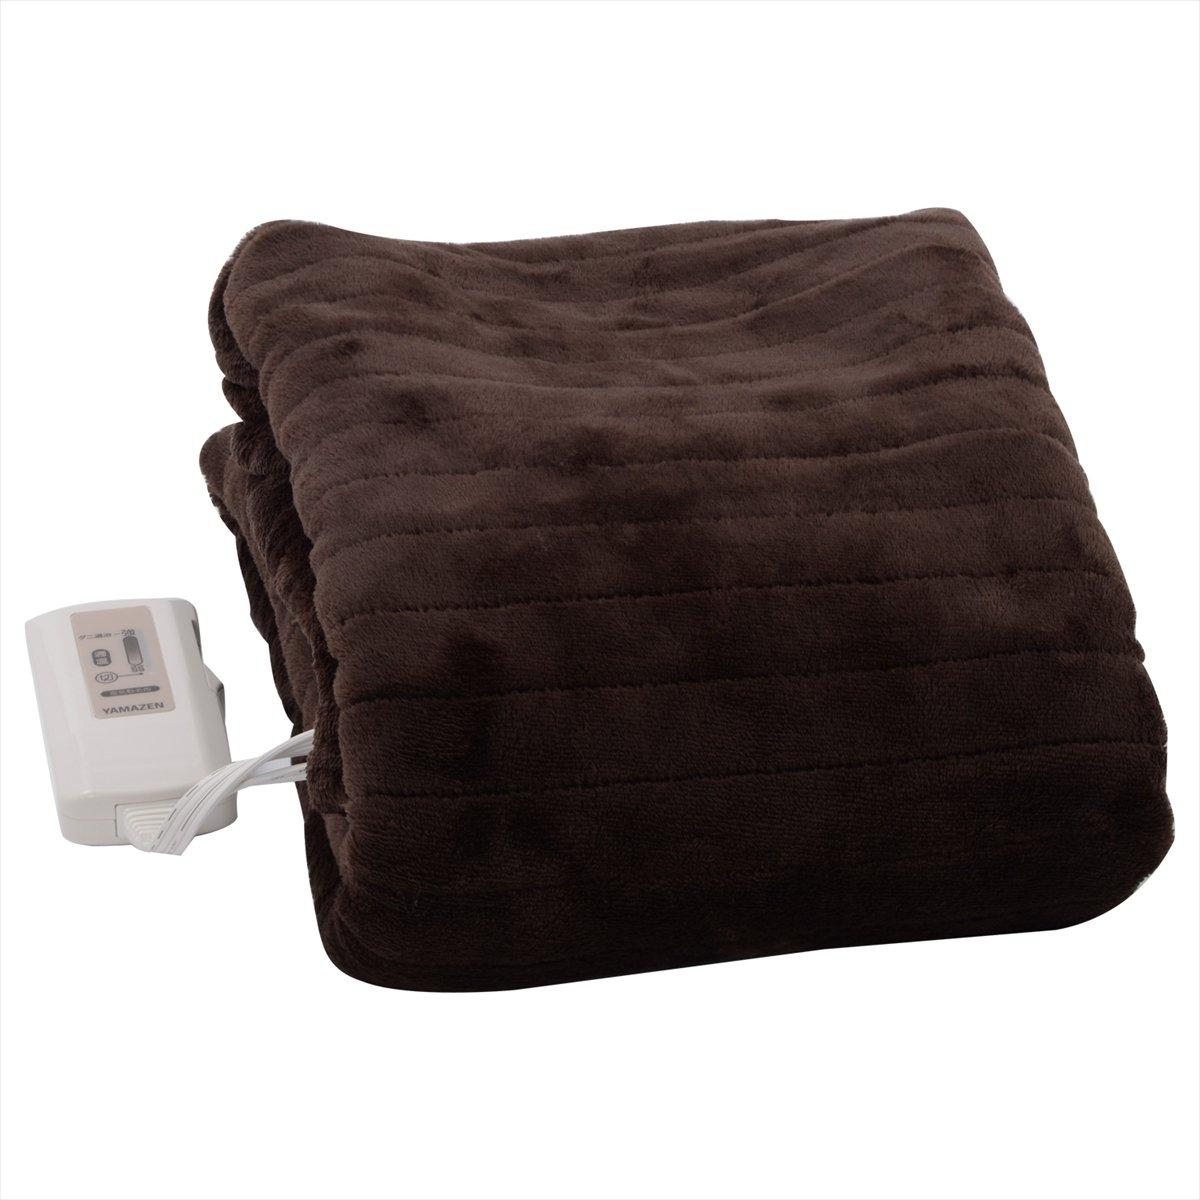 山善(YAMAZEN) ふわふわもこもこ 電気敷毛布